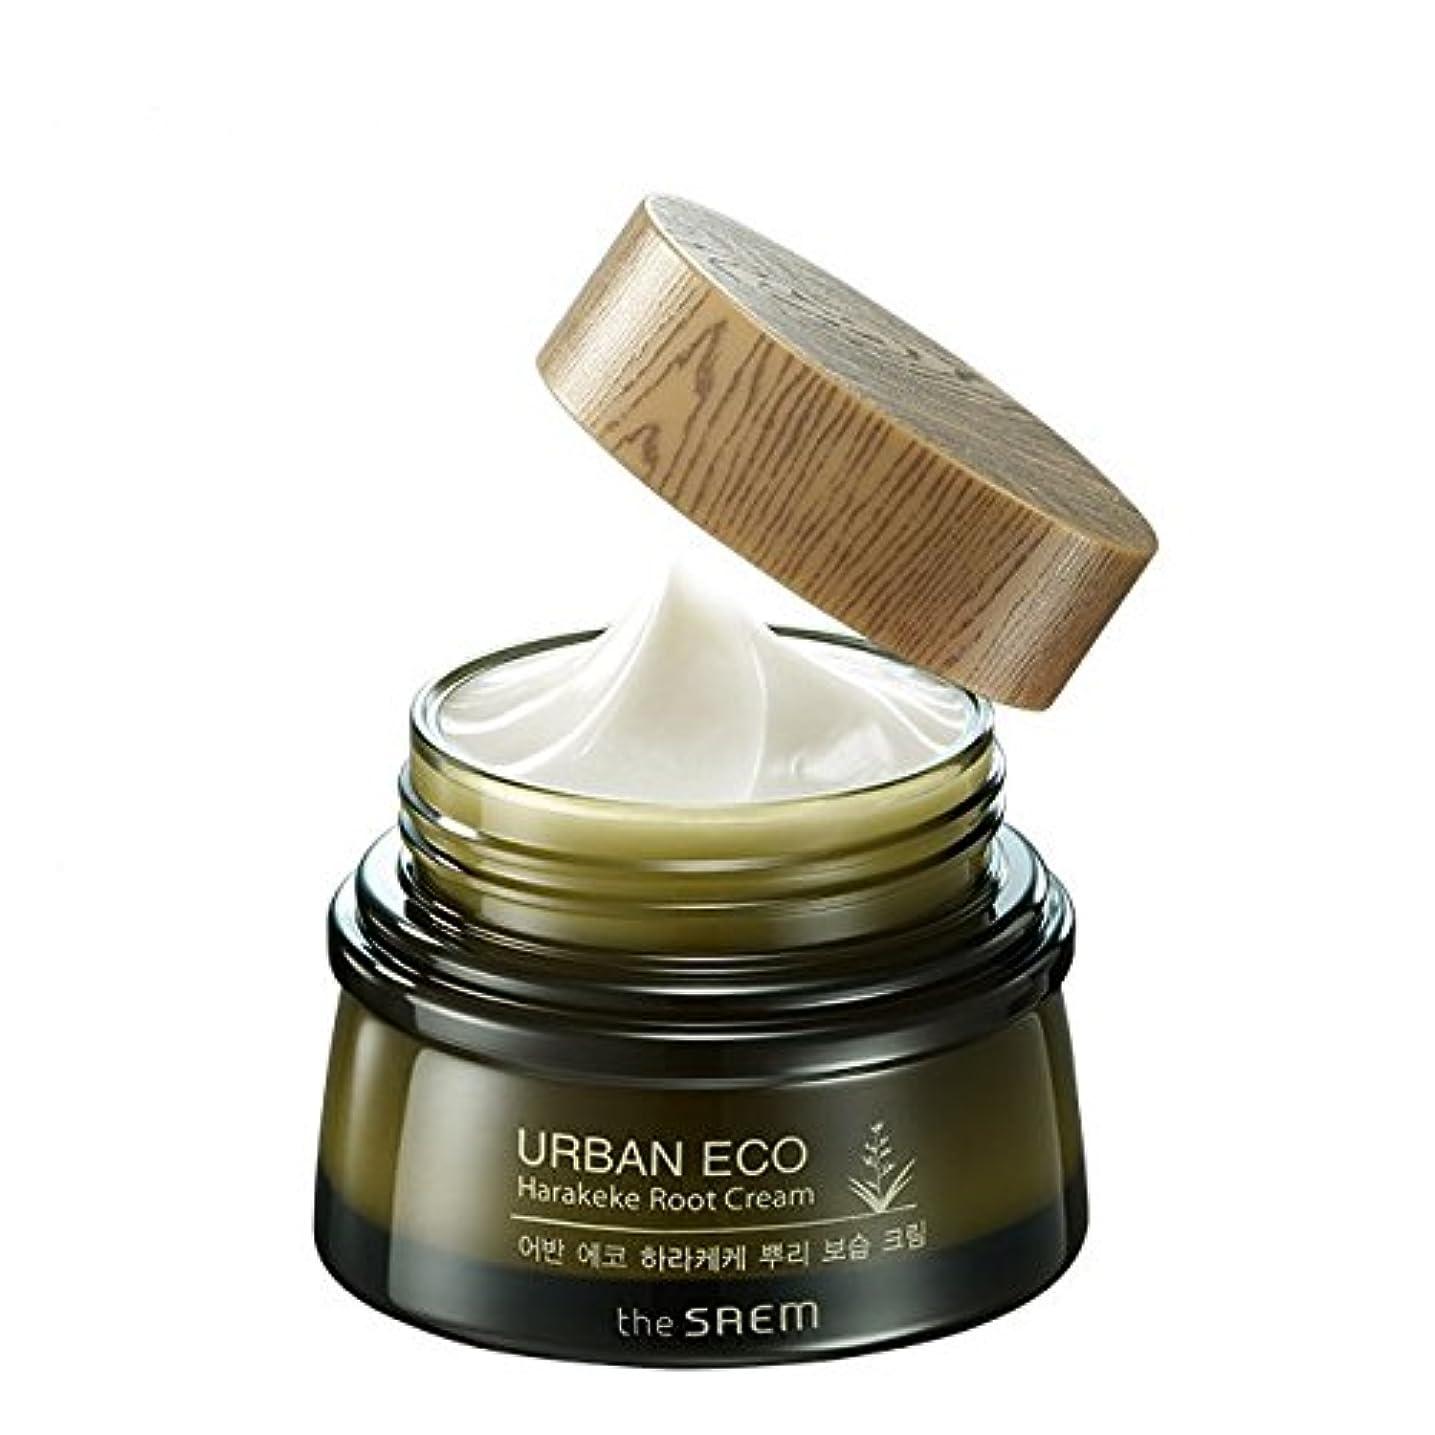 裁判所外交官火山[ザセム] The Saem [アーバンエコ ハラケケ 根保湿クリーム60ml (The Saem Urban Eco Harakeke Root Cream60ml)